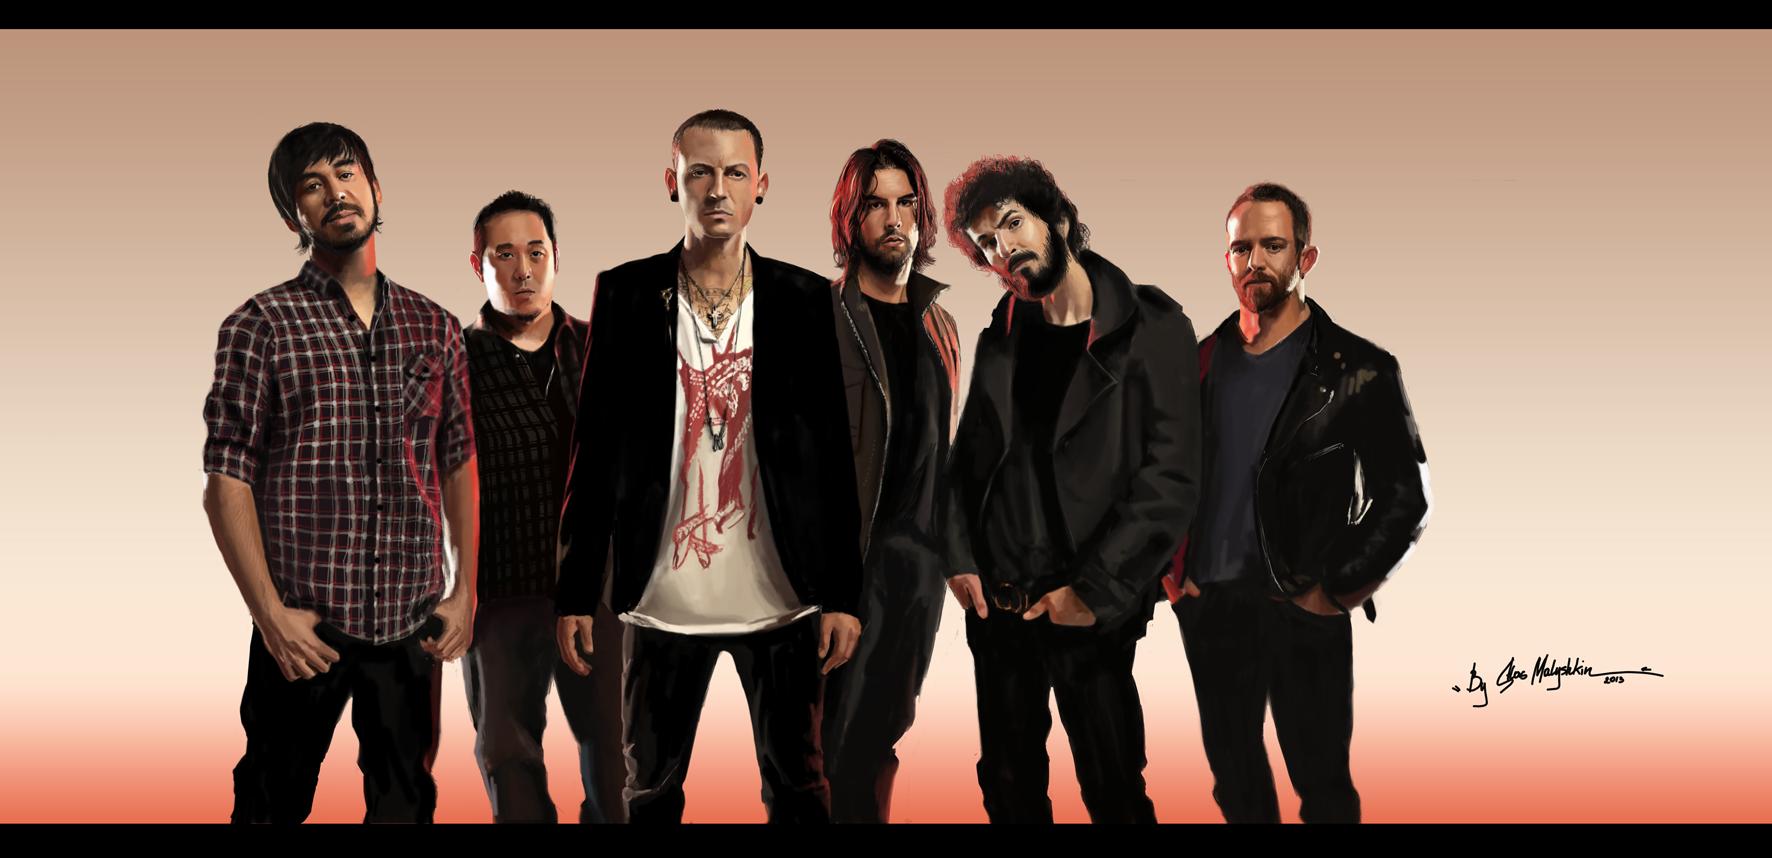 Linkin Park - Speed Painting 2013 by StayKidLinkin Park 2013